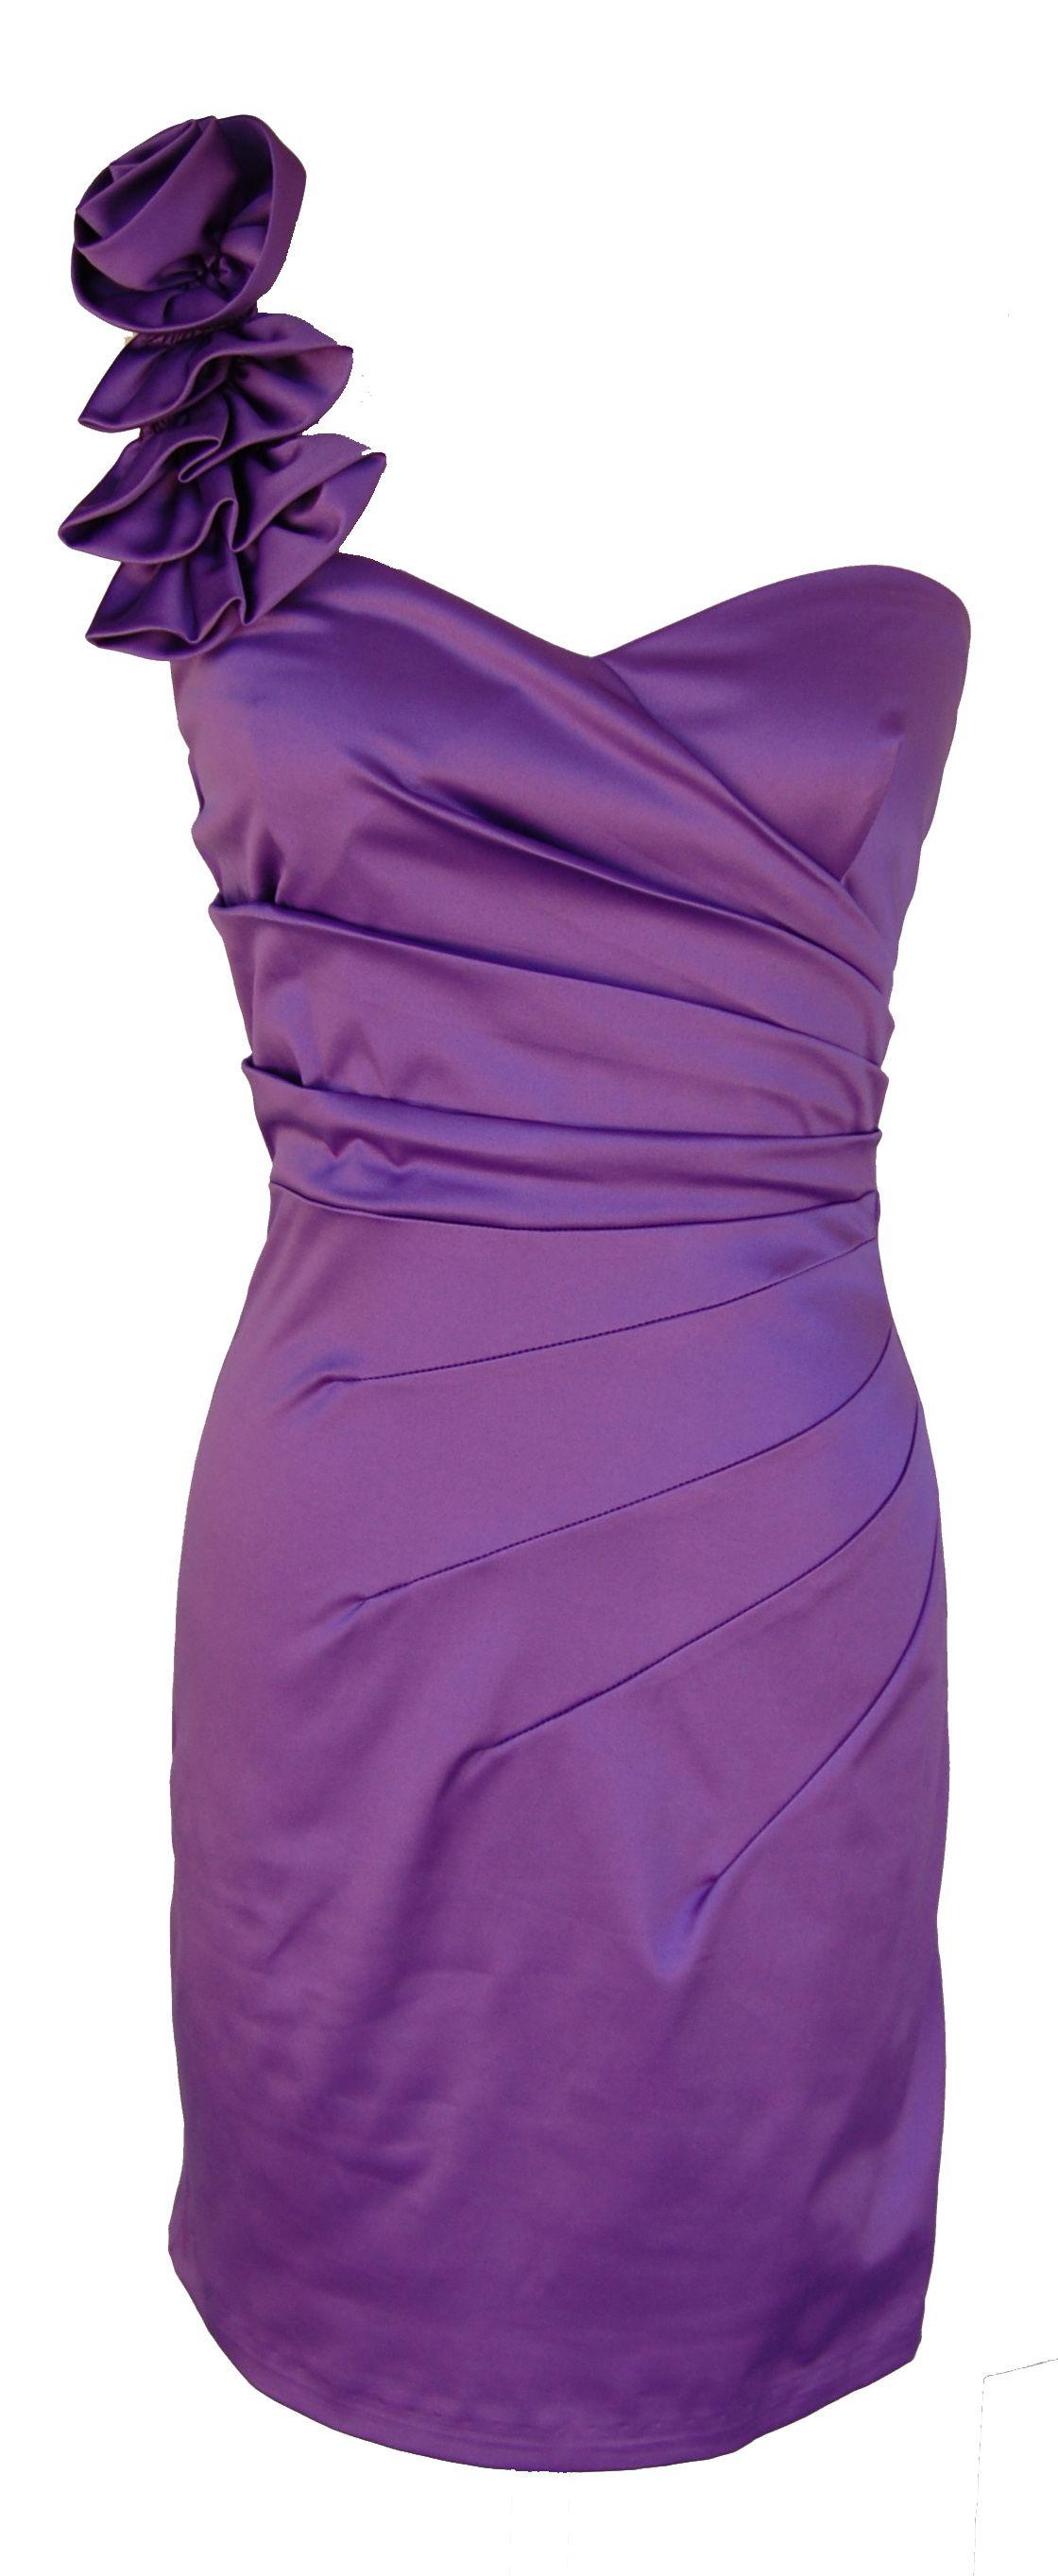 Purple One Shoulder Gathered Cocktail Dress | Vestido elegante ...